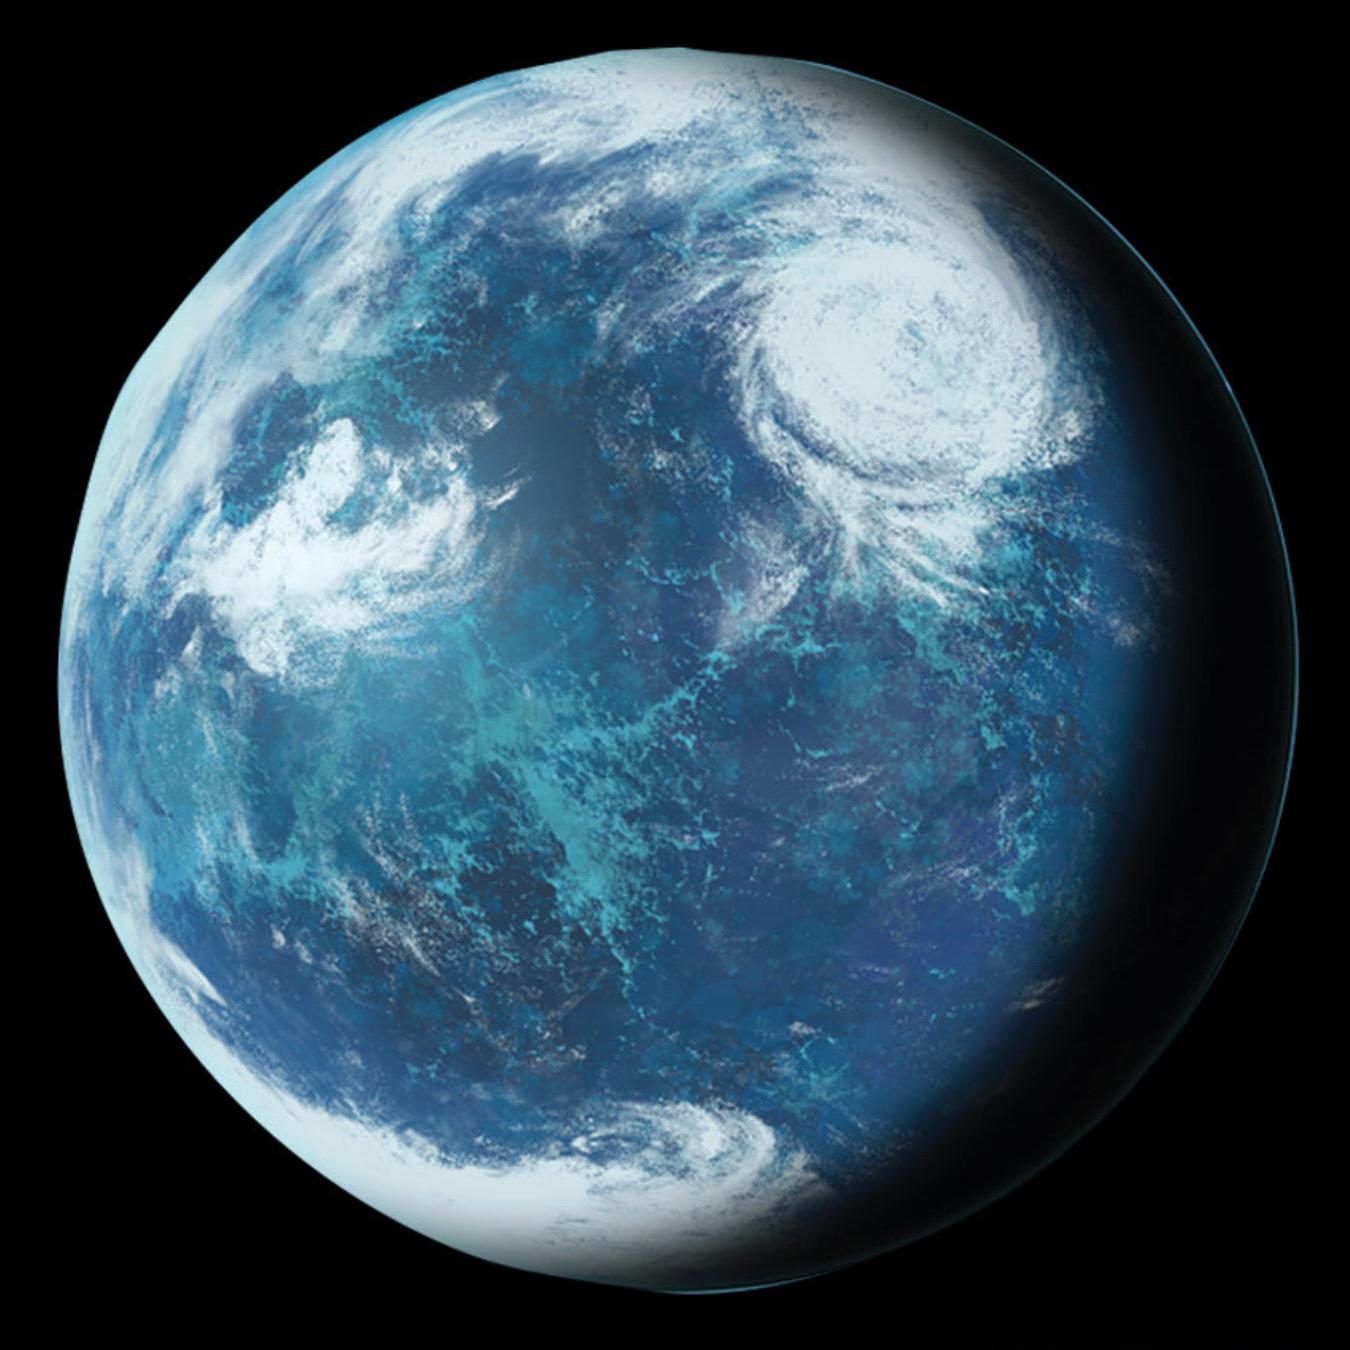 Водные планеты из звездных войн игры звездные войны лего шарам